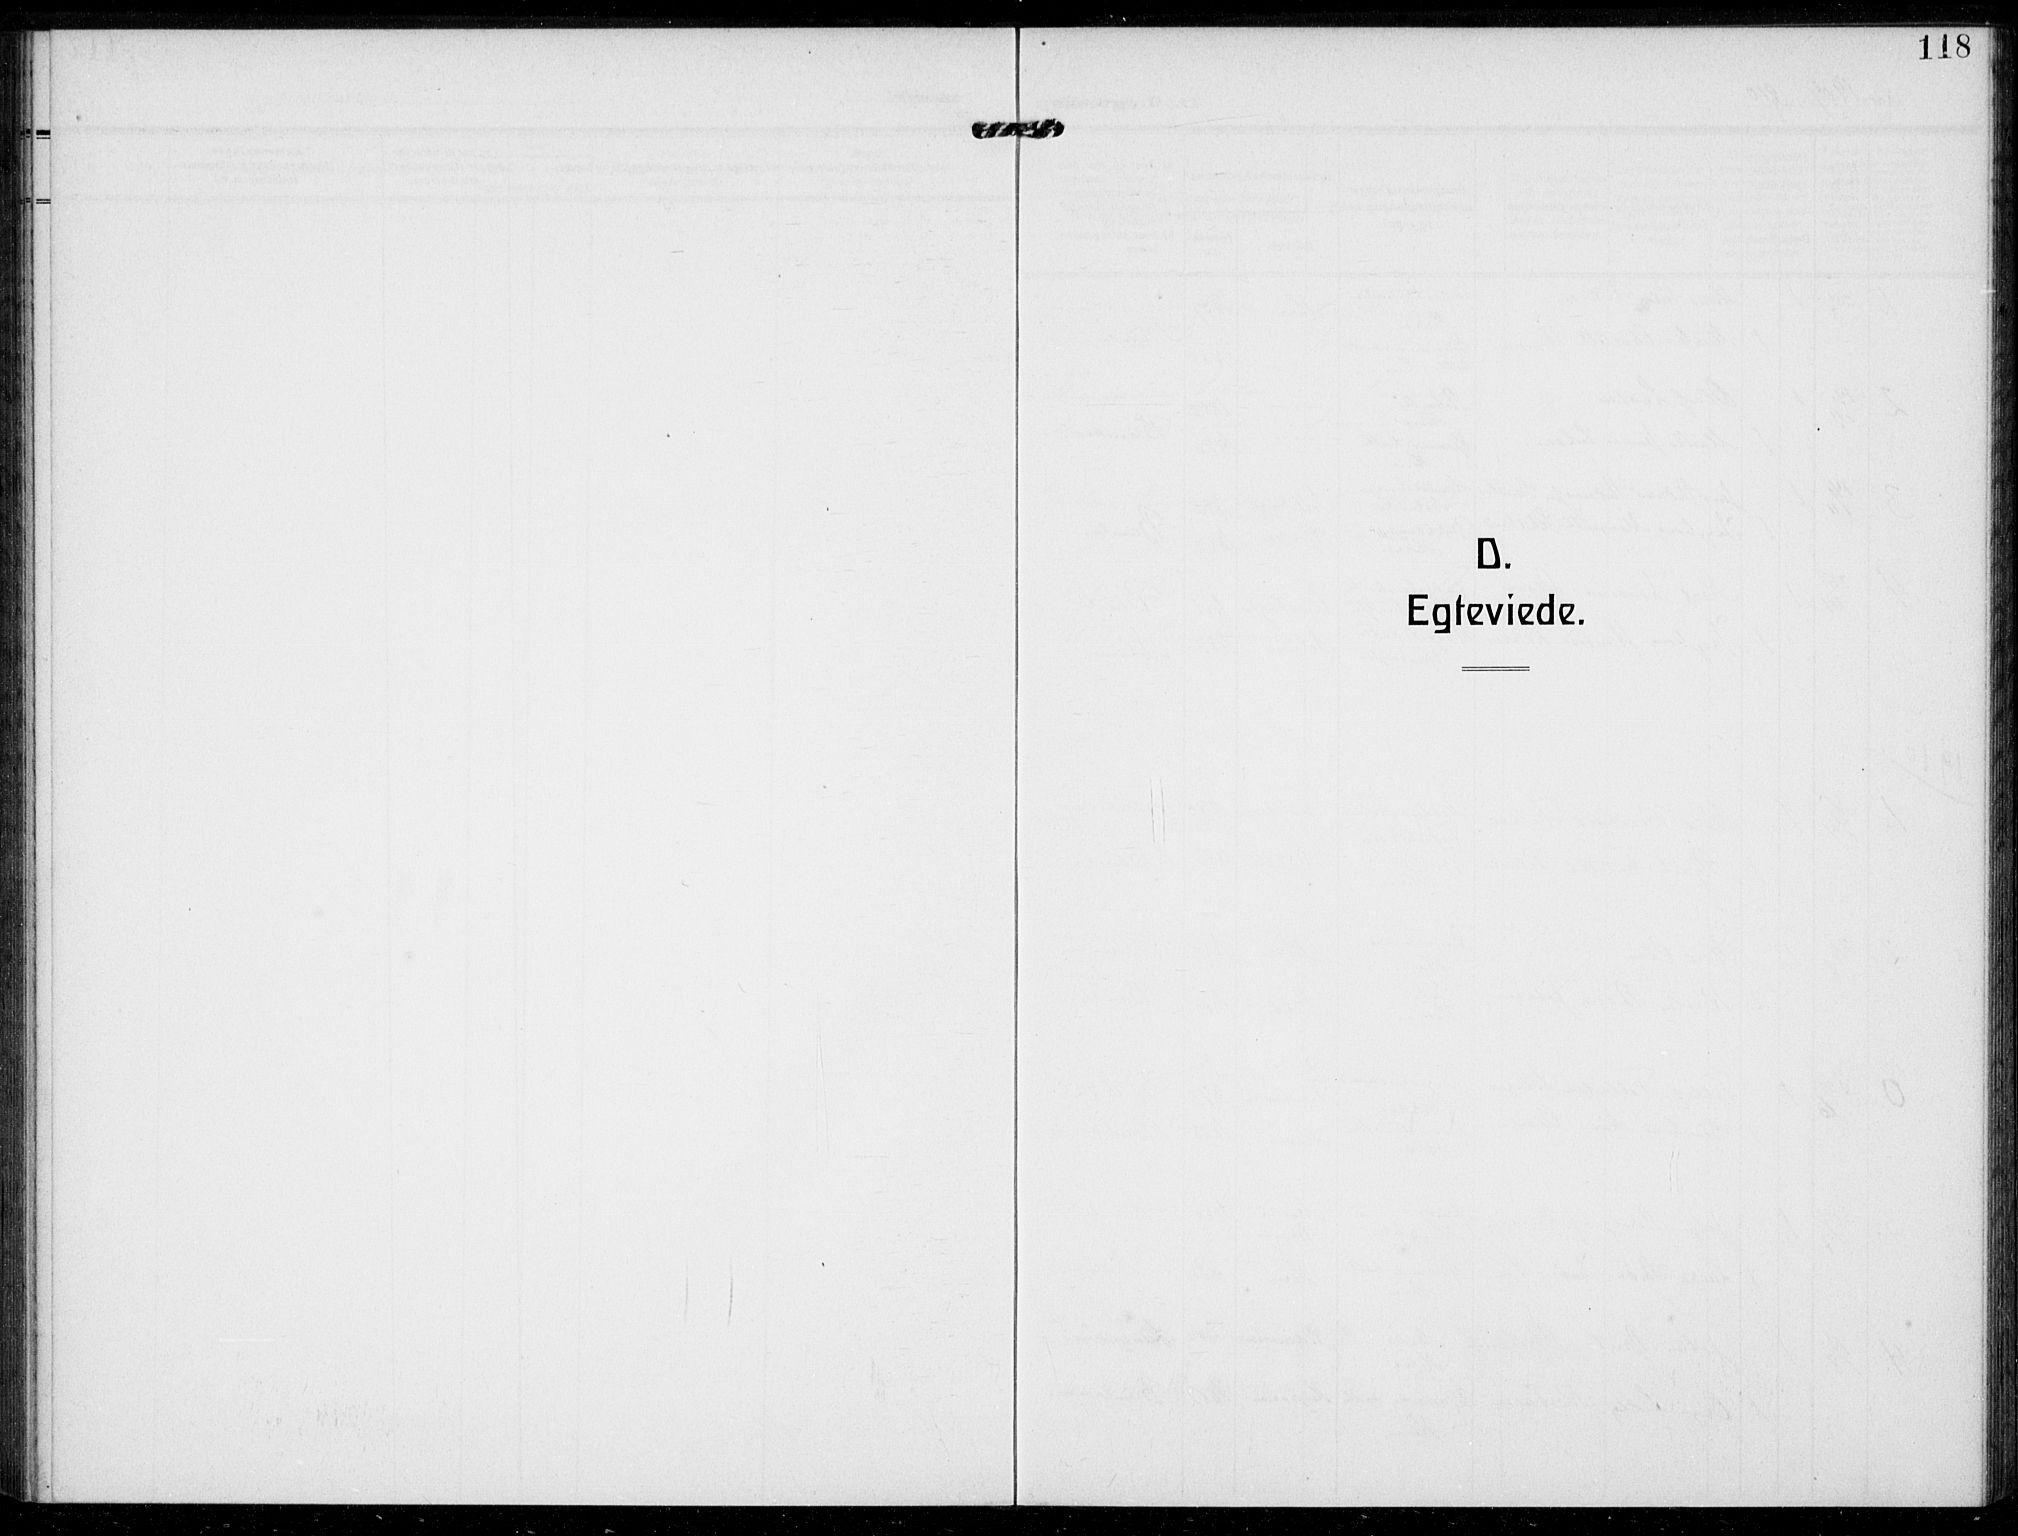 SAKO, Bamble kirkebøker, F/Fc/L0001: Ministerialbok nr. III 1, 1909-1916, s. 118